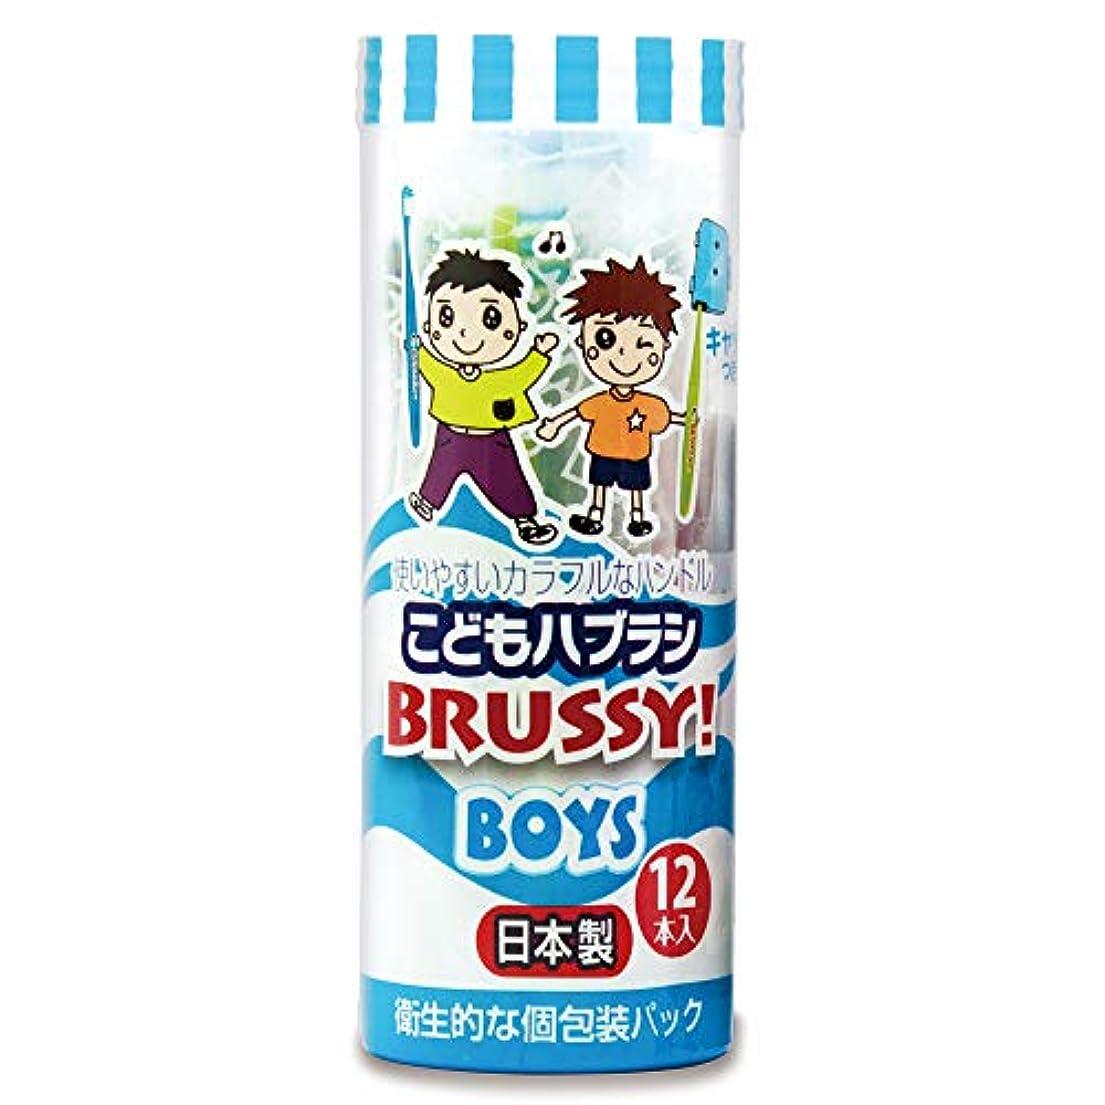 クッションリップ行進こどもハブラシ BRUSSY! BOYS 6色 12本セット